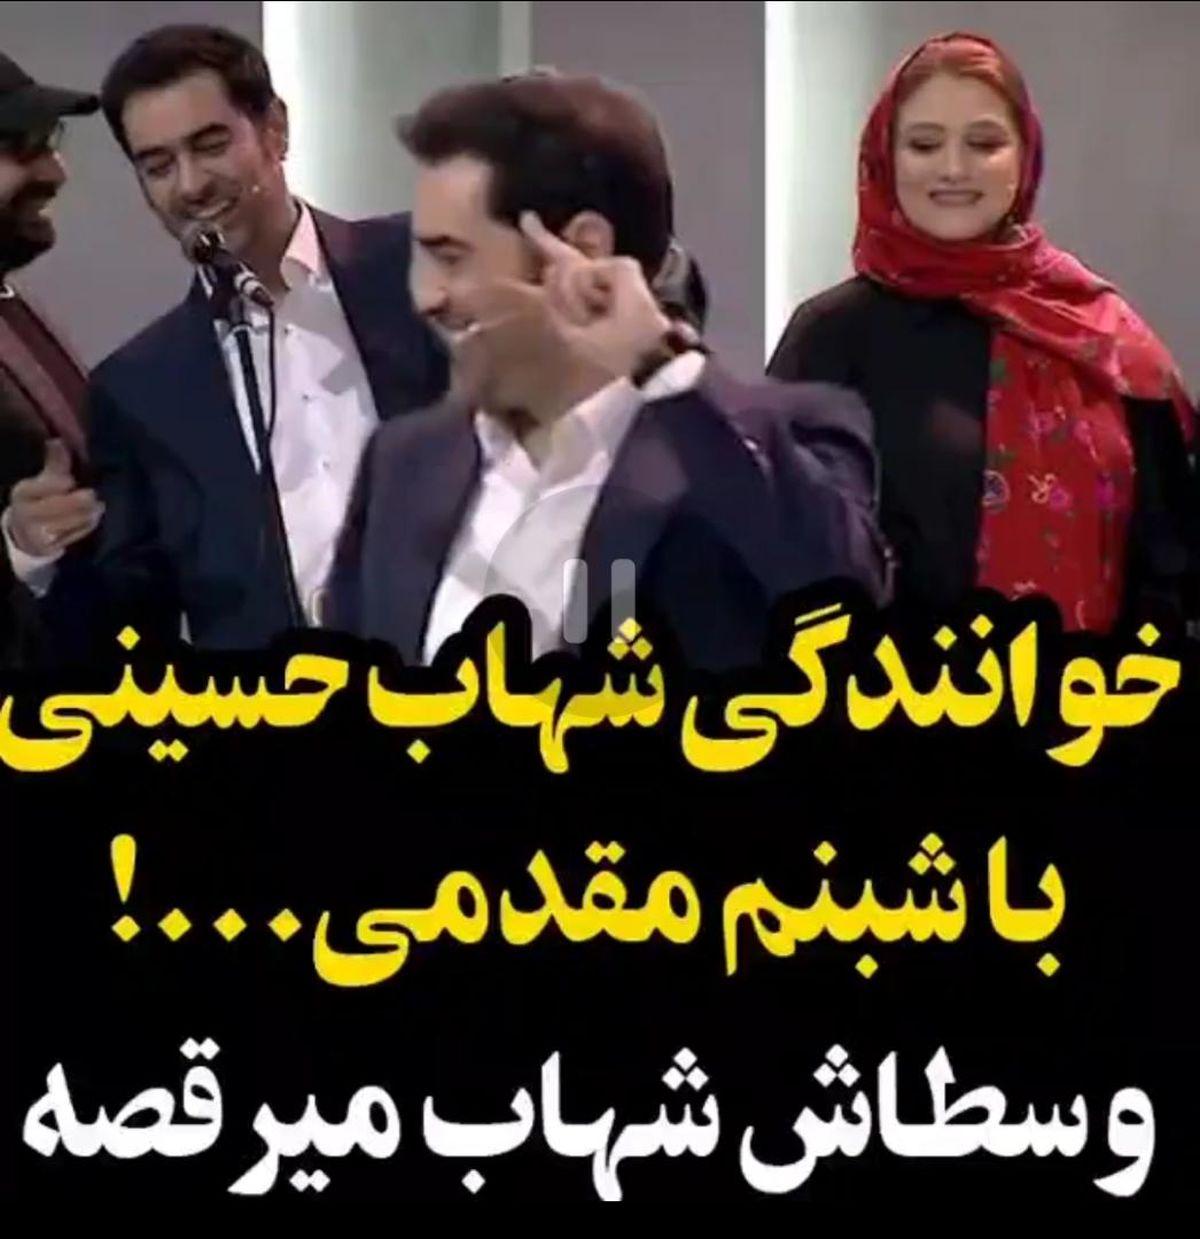 رقص نامتعارف شهاب حسینی و شبنم مقدمی در همرفیق + فیلم